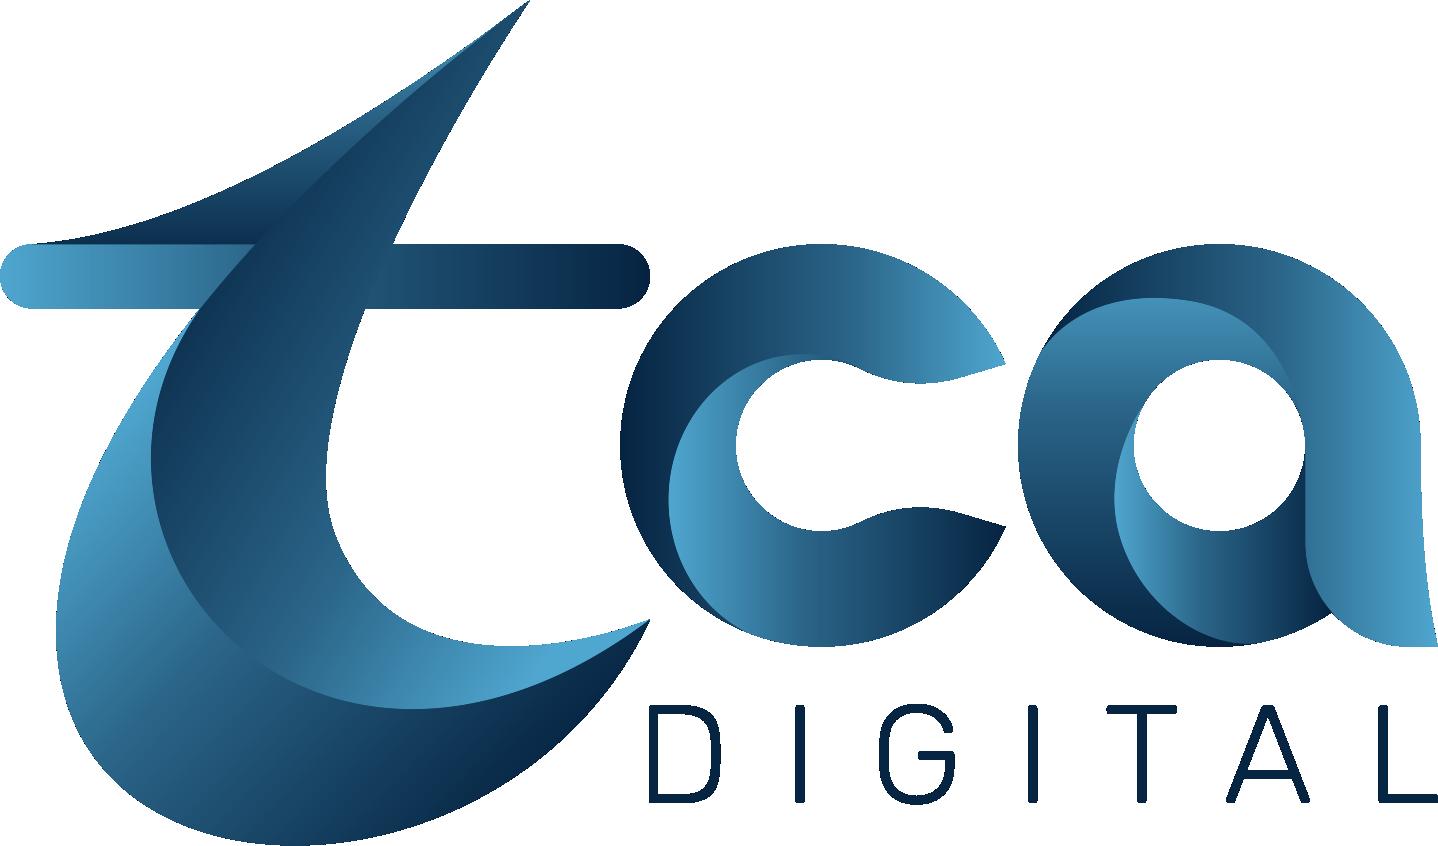 Nova marca TCA.digital